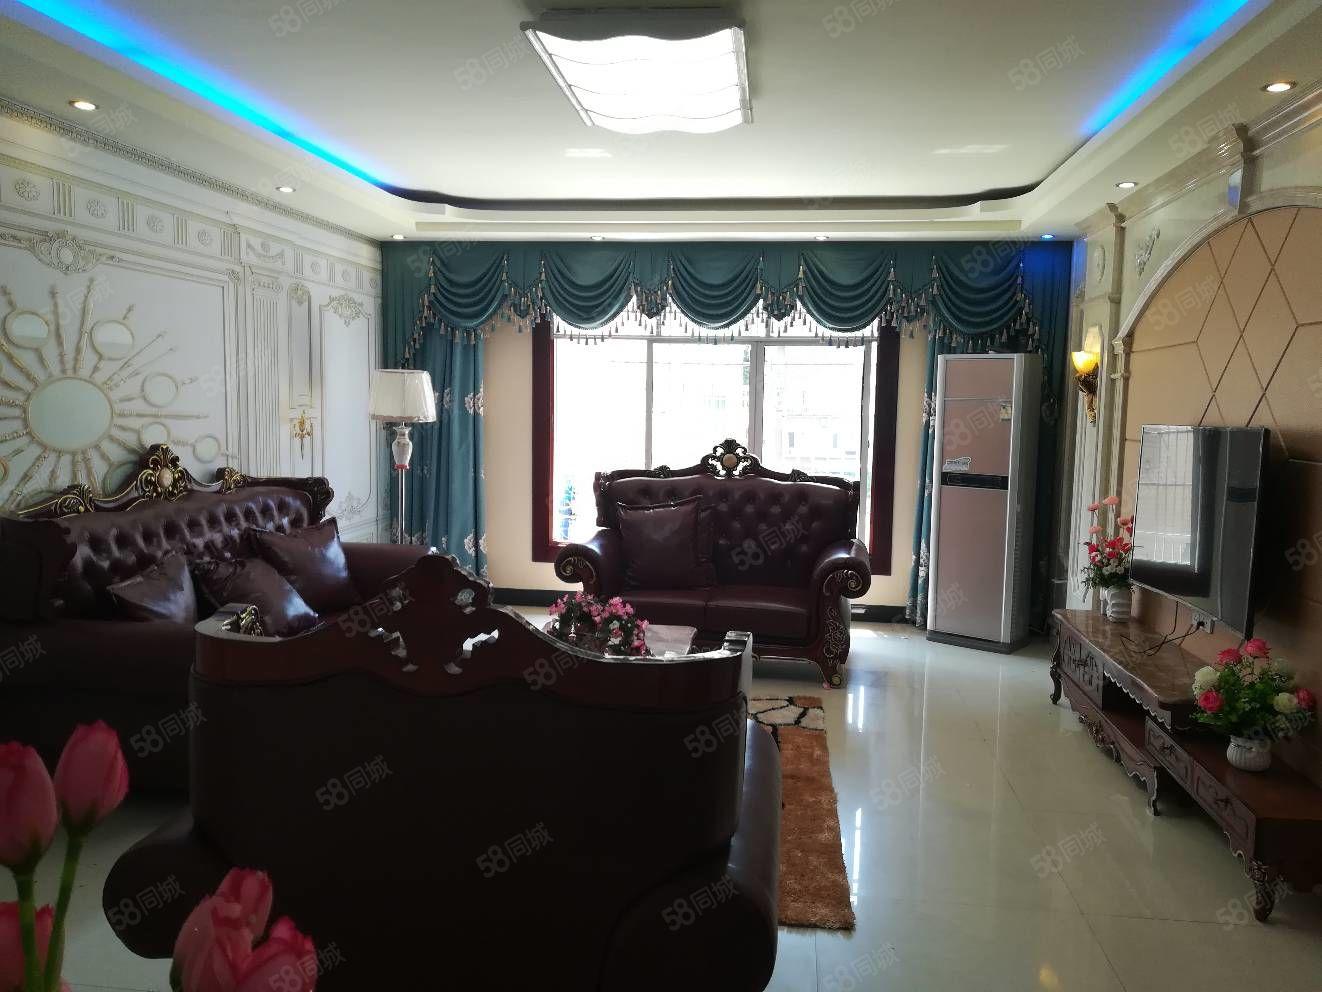 凌云路沒有比這套房子更便宜的了,單價在3800